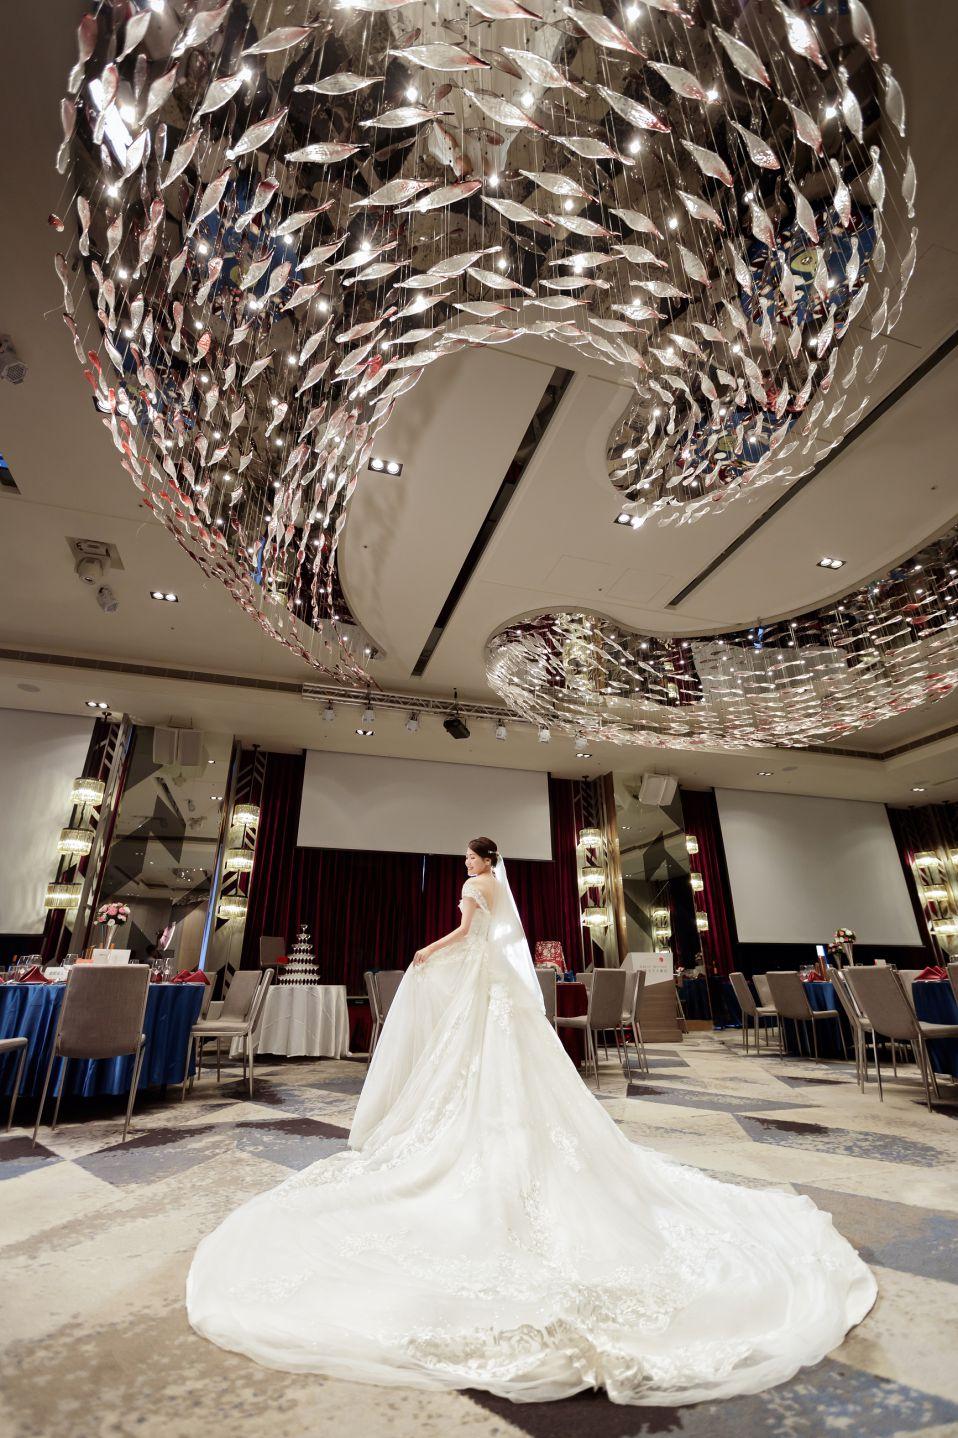 格萊天漾婚攝, 台北婚攝, 婚攝森森, 格萊天漾飯店, 高雄婚攝, 格萊天漾婚禮紀錄